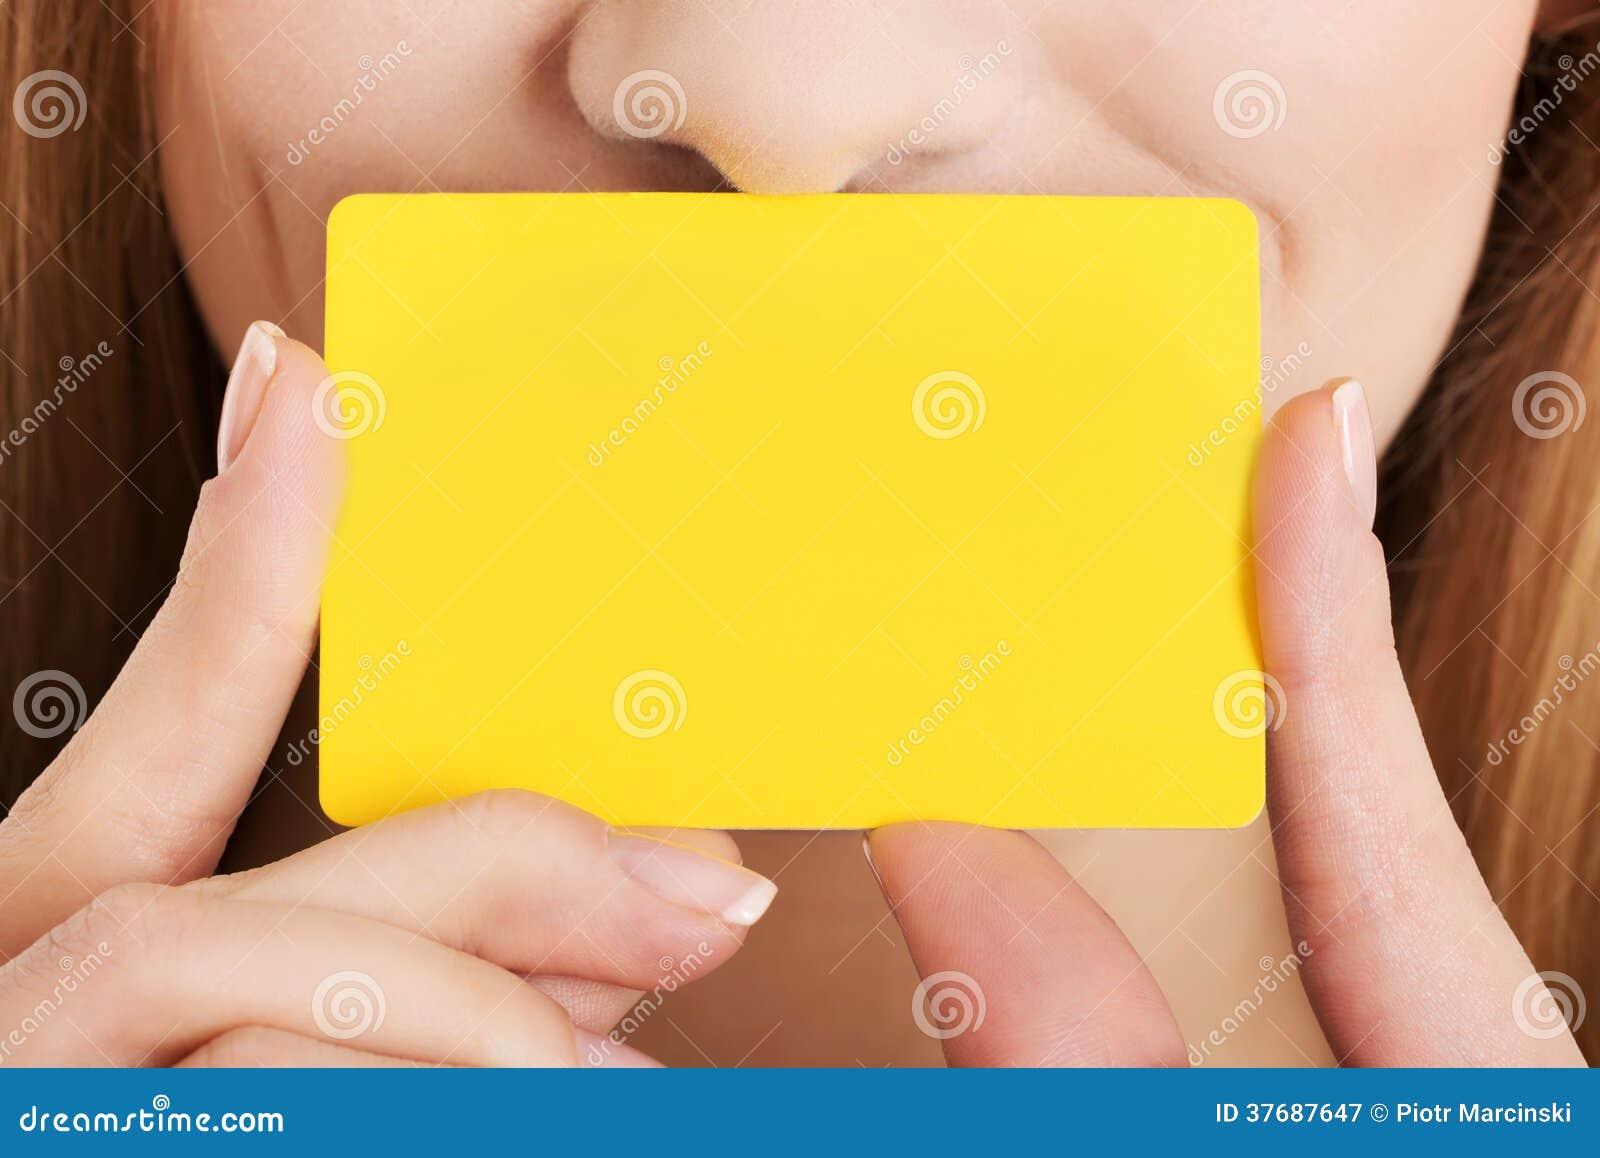 Pusta żółta ogłoszenie towarzyskie karta nad kobiety twarzą.